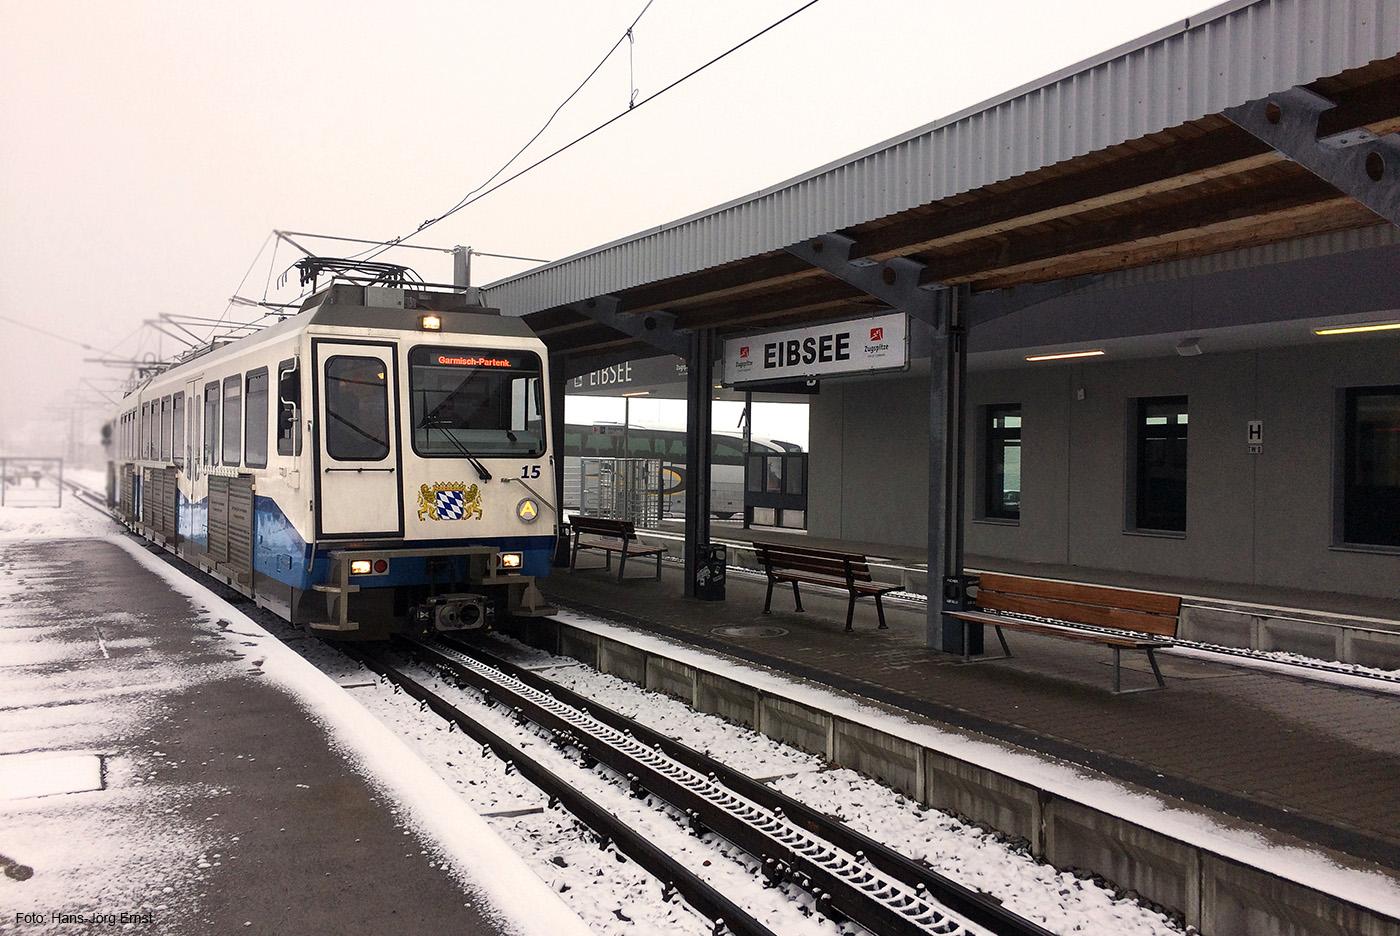 DIE AUS DEM NEBEL KAM Ankunft der Zahnradbahn vom Zugspitzplatt in der Station Grainau/Eibsee.